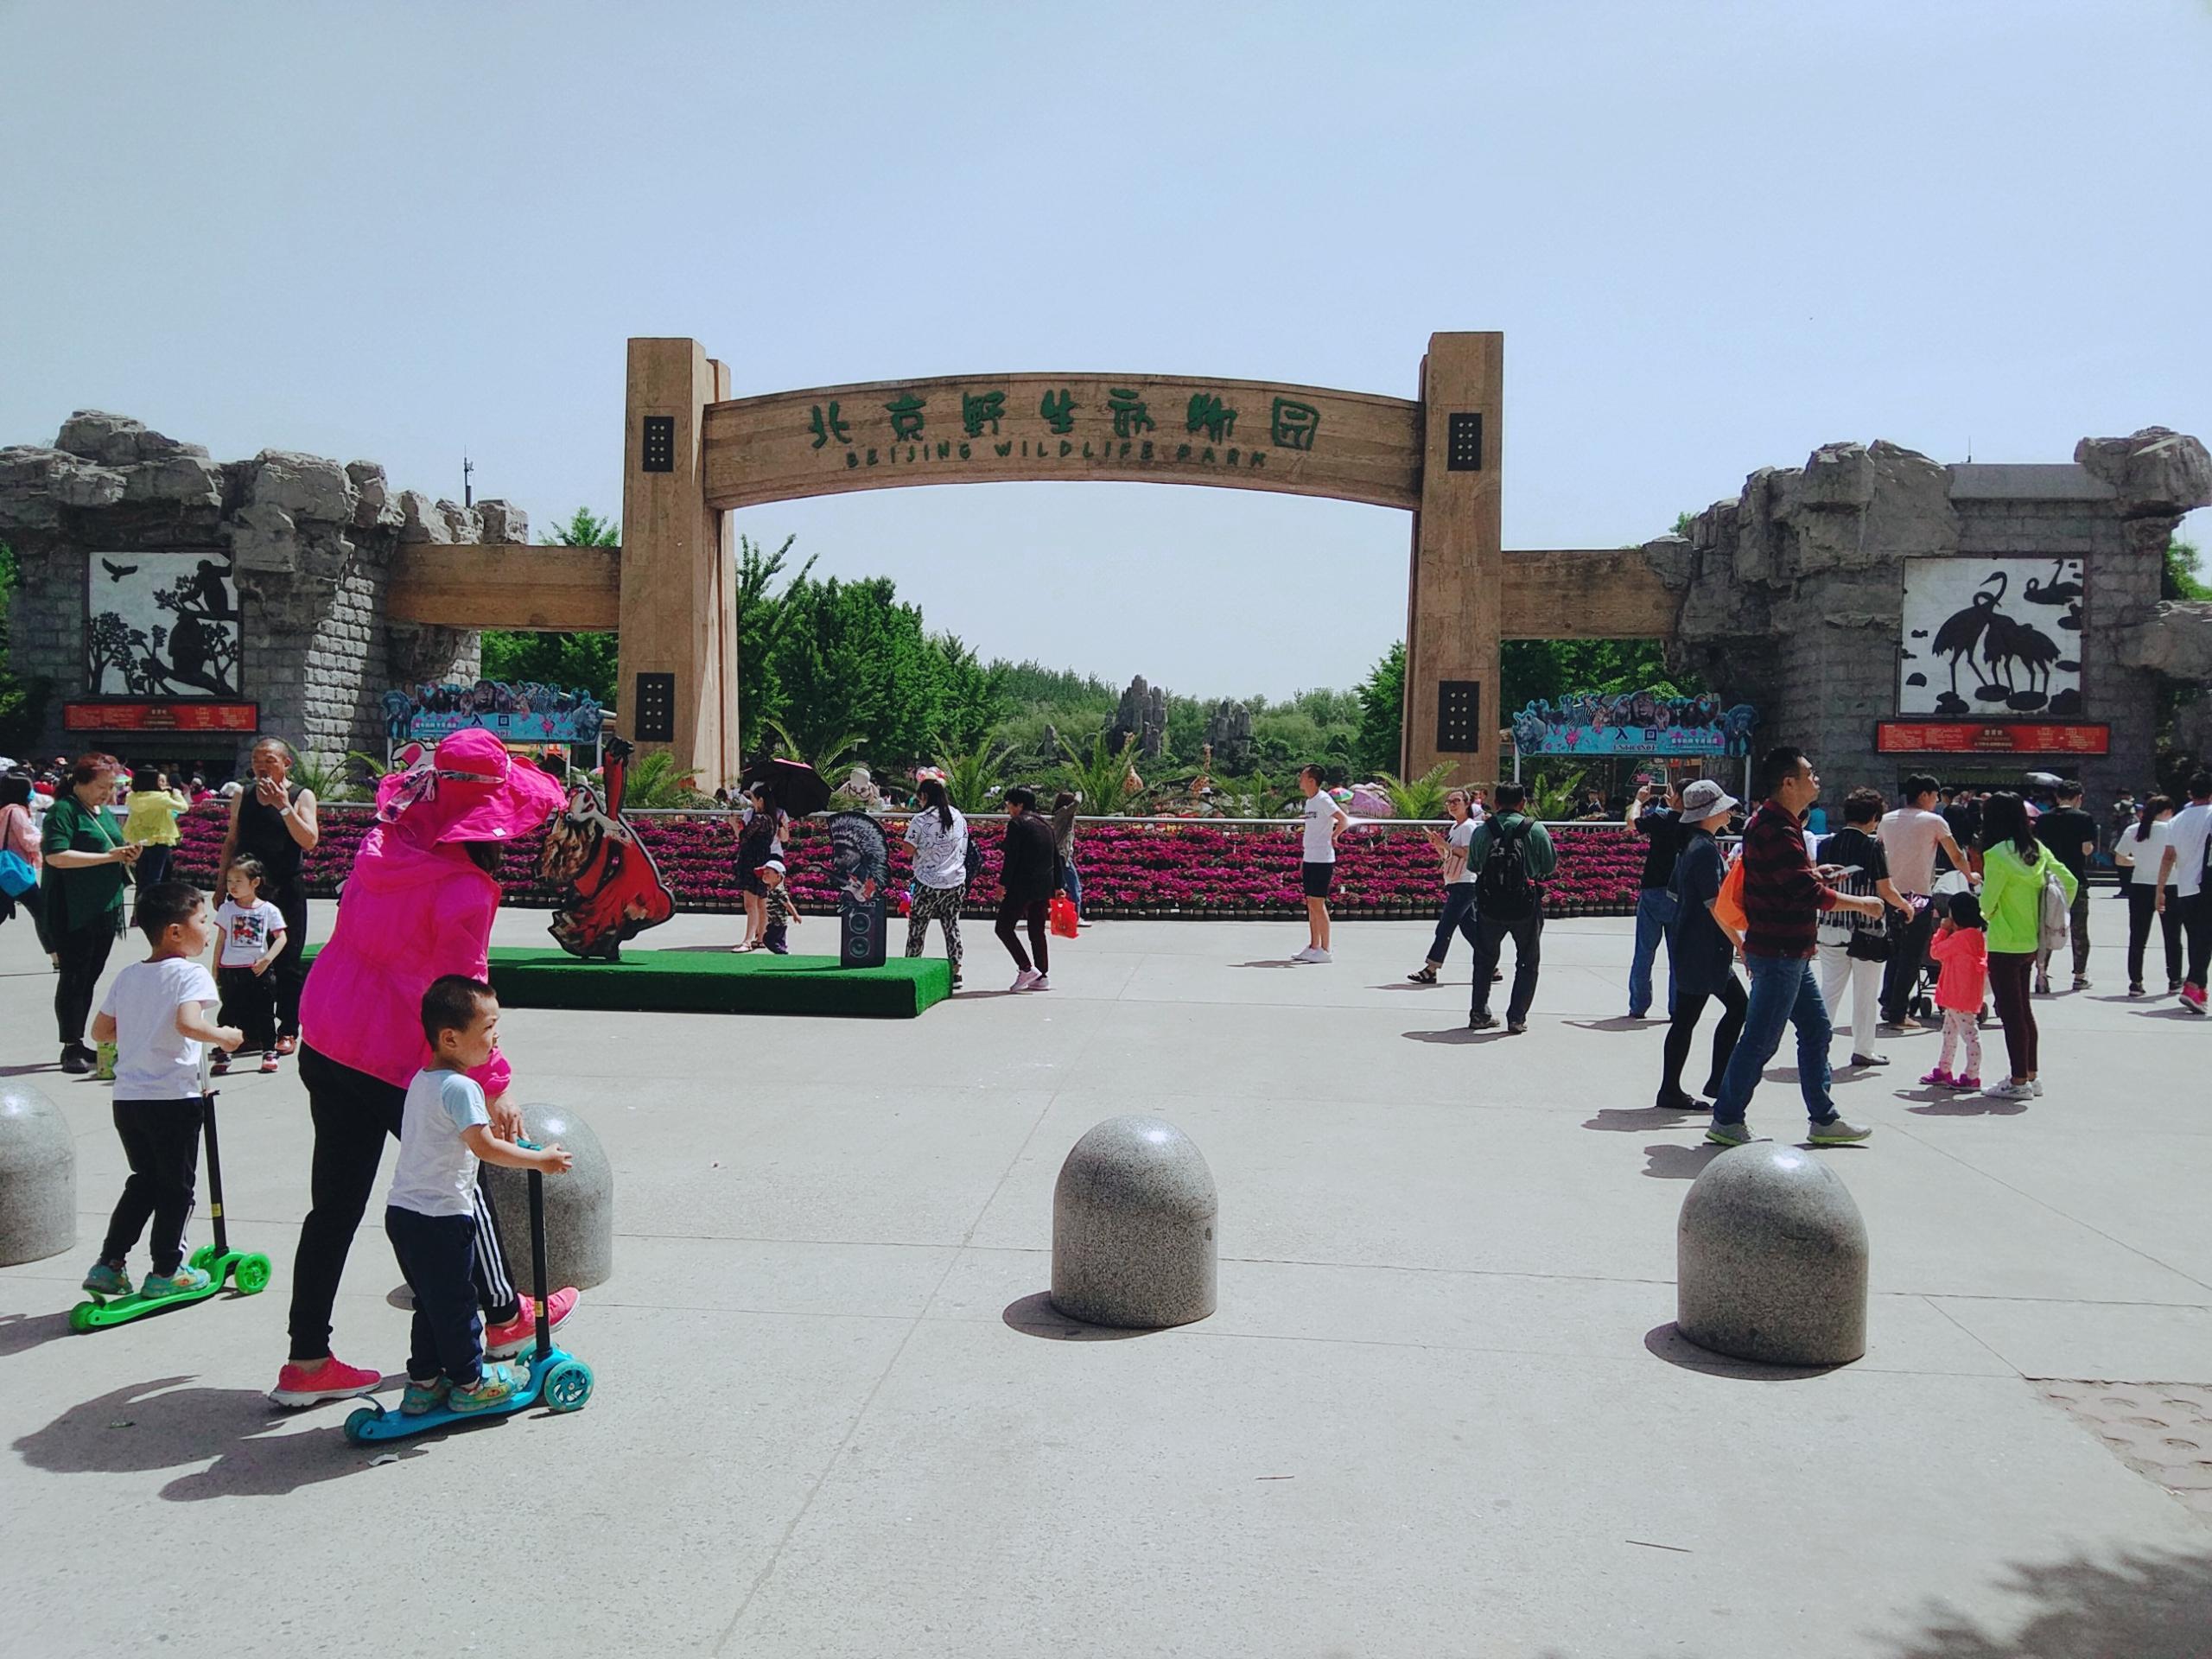 北京野生动物园旅游景点攻略图冰山梁自驾游攻略图片